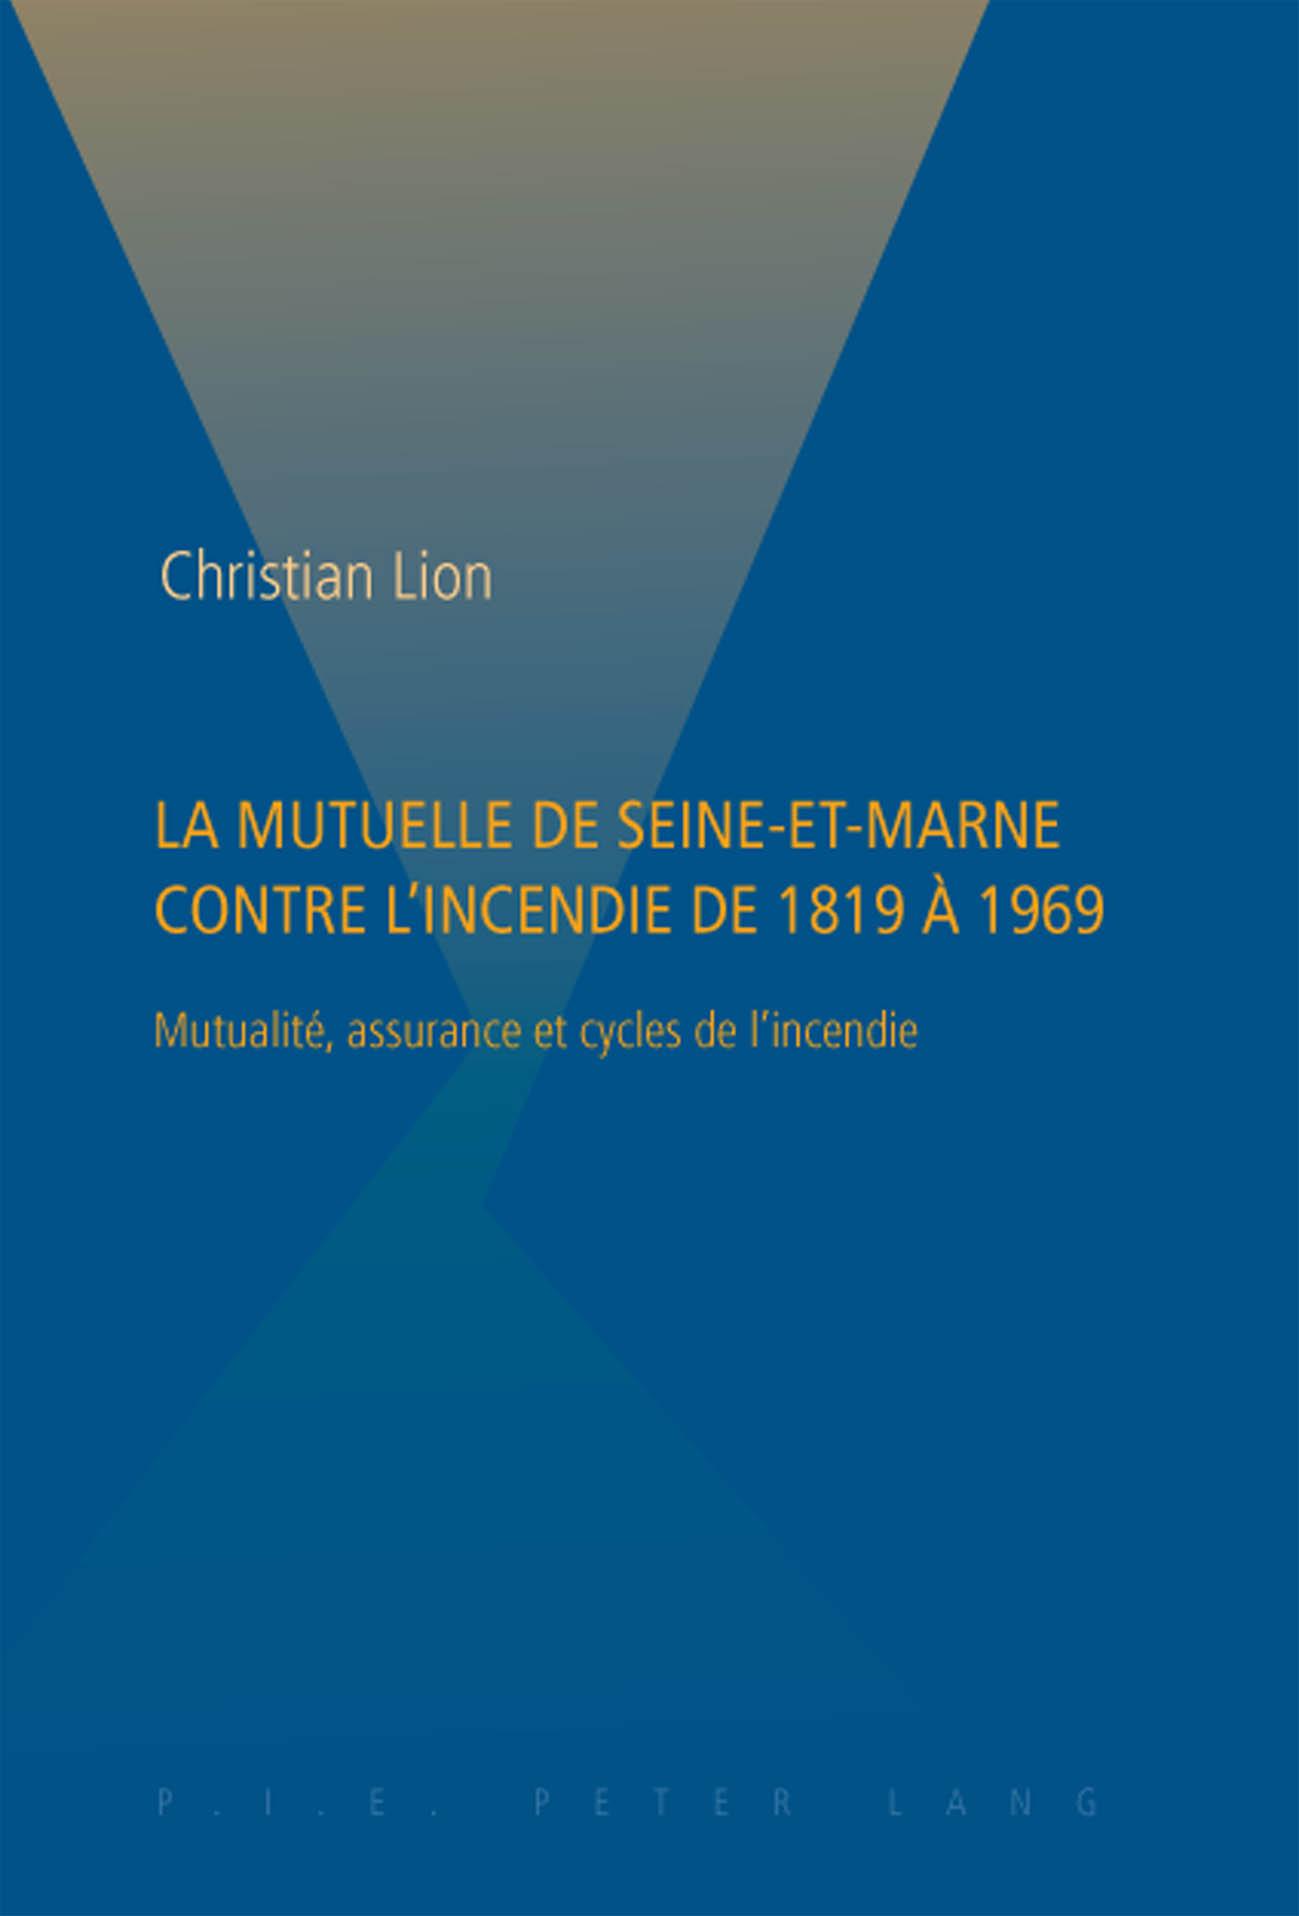 LA MUTUELLE DE SEINE-ET-MARNE CONTRE L'INCENDIE DE 1819 A 1969